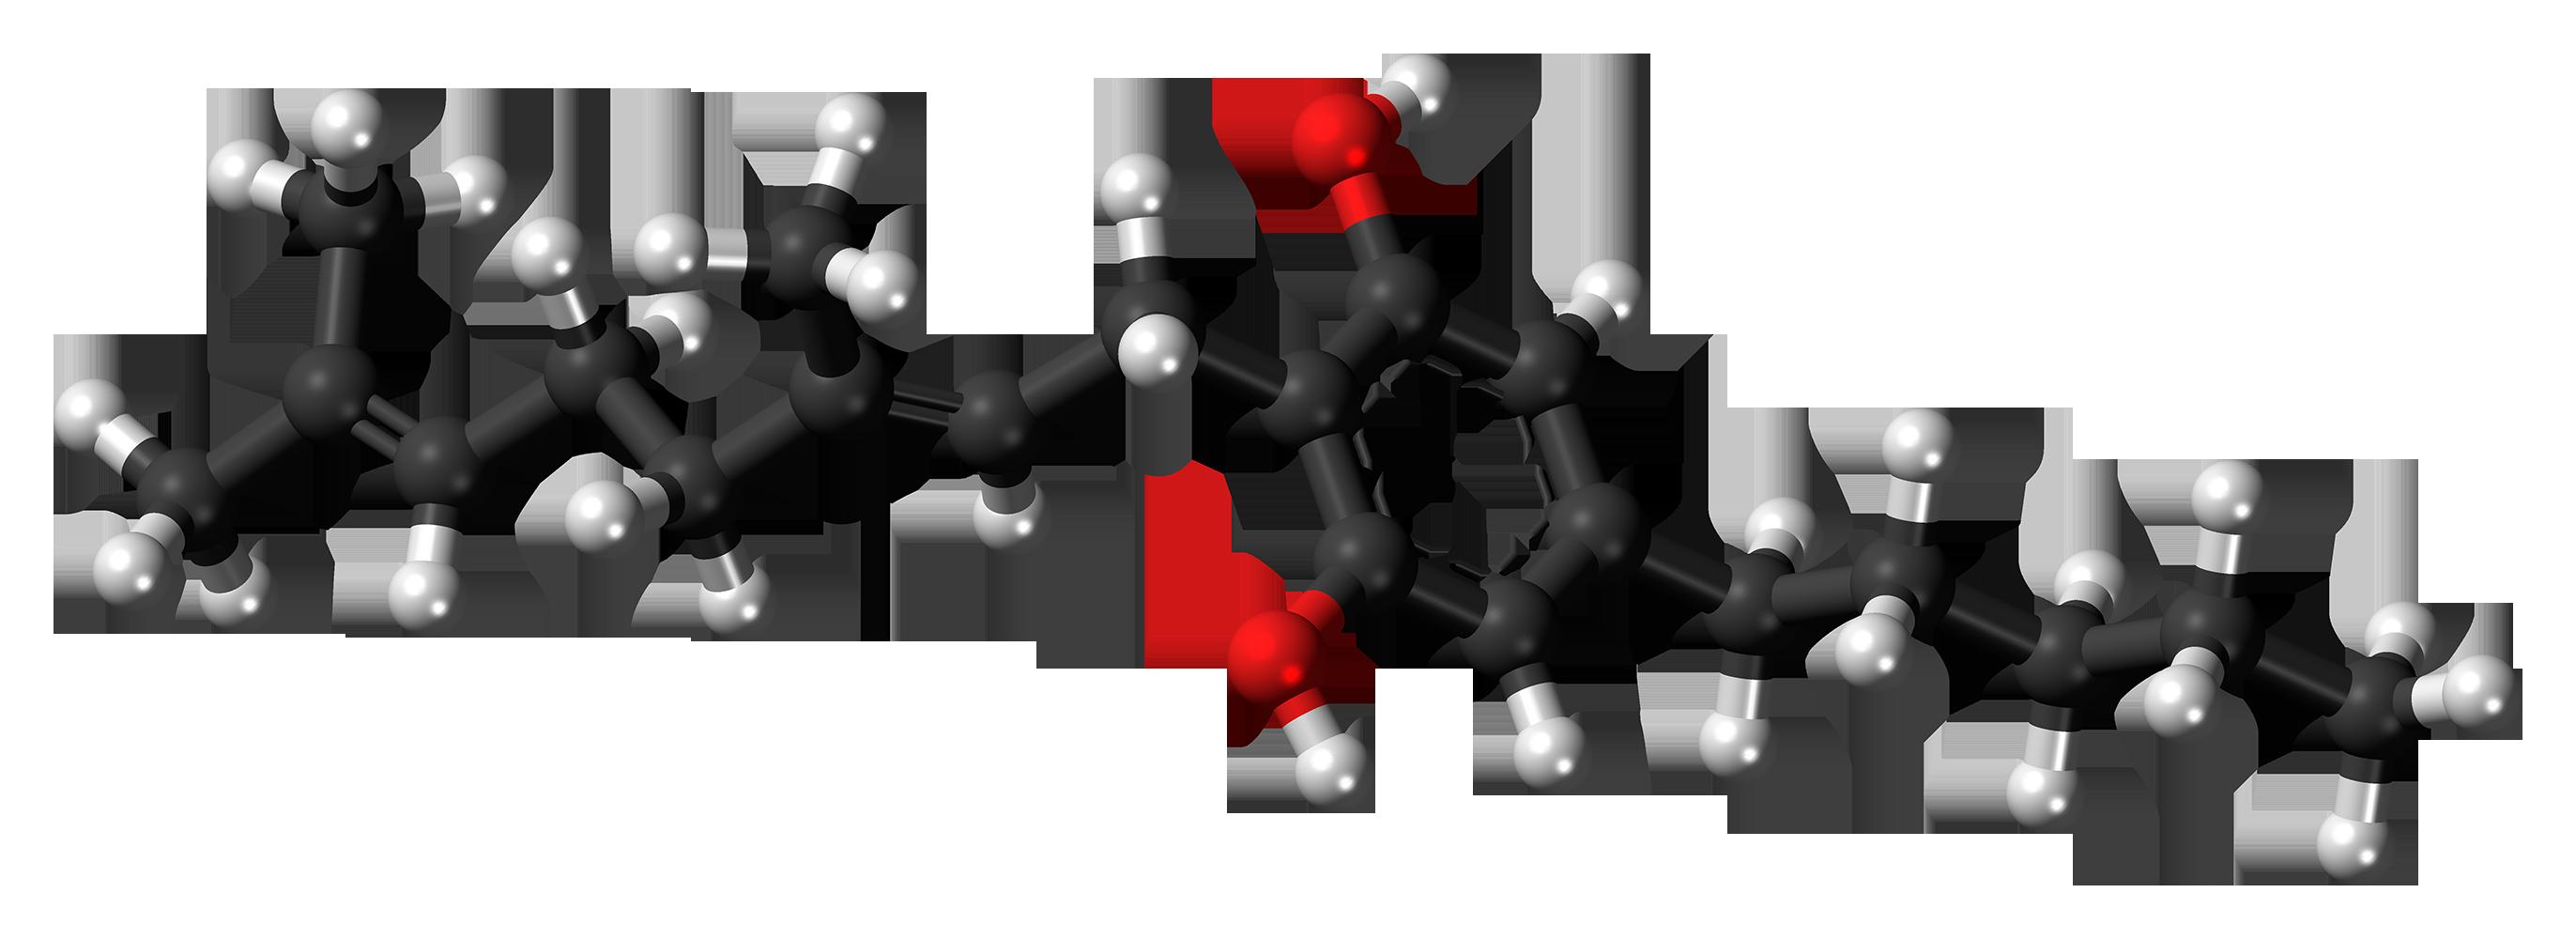 Cannabigerol_molecule_ball